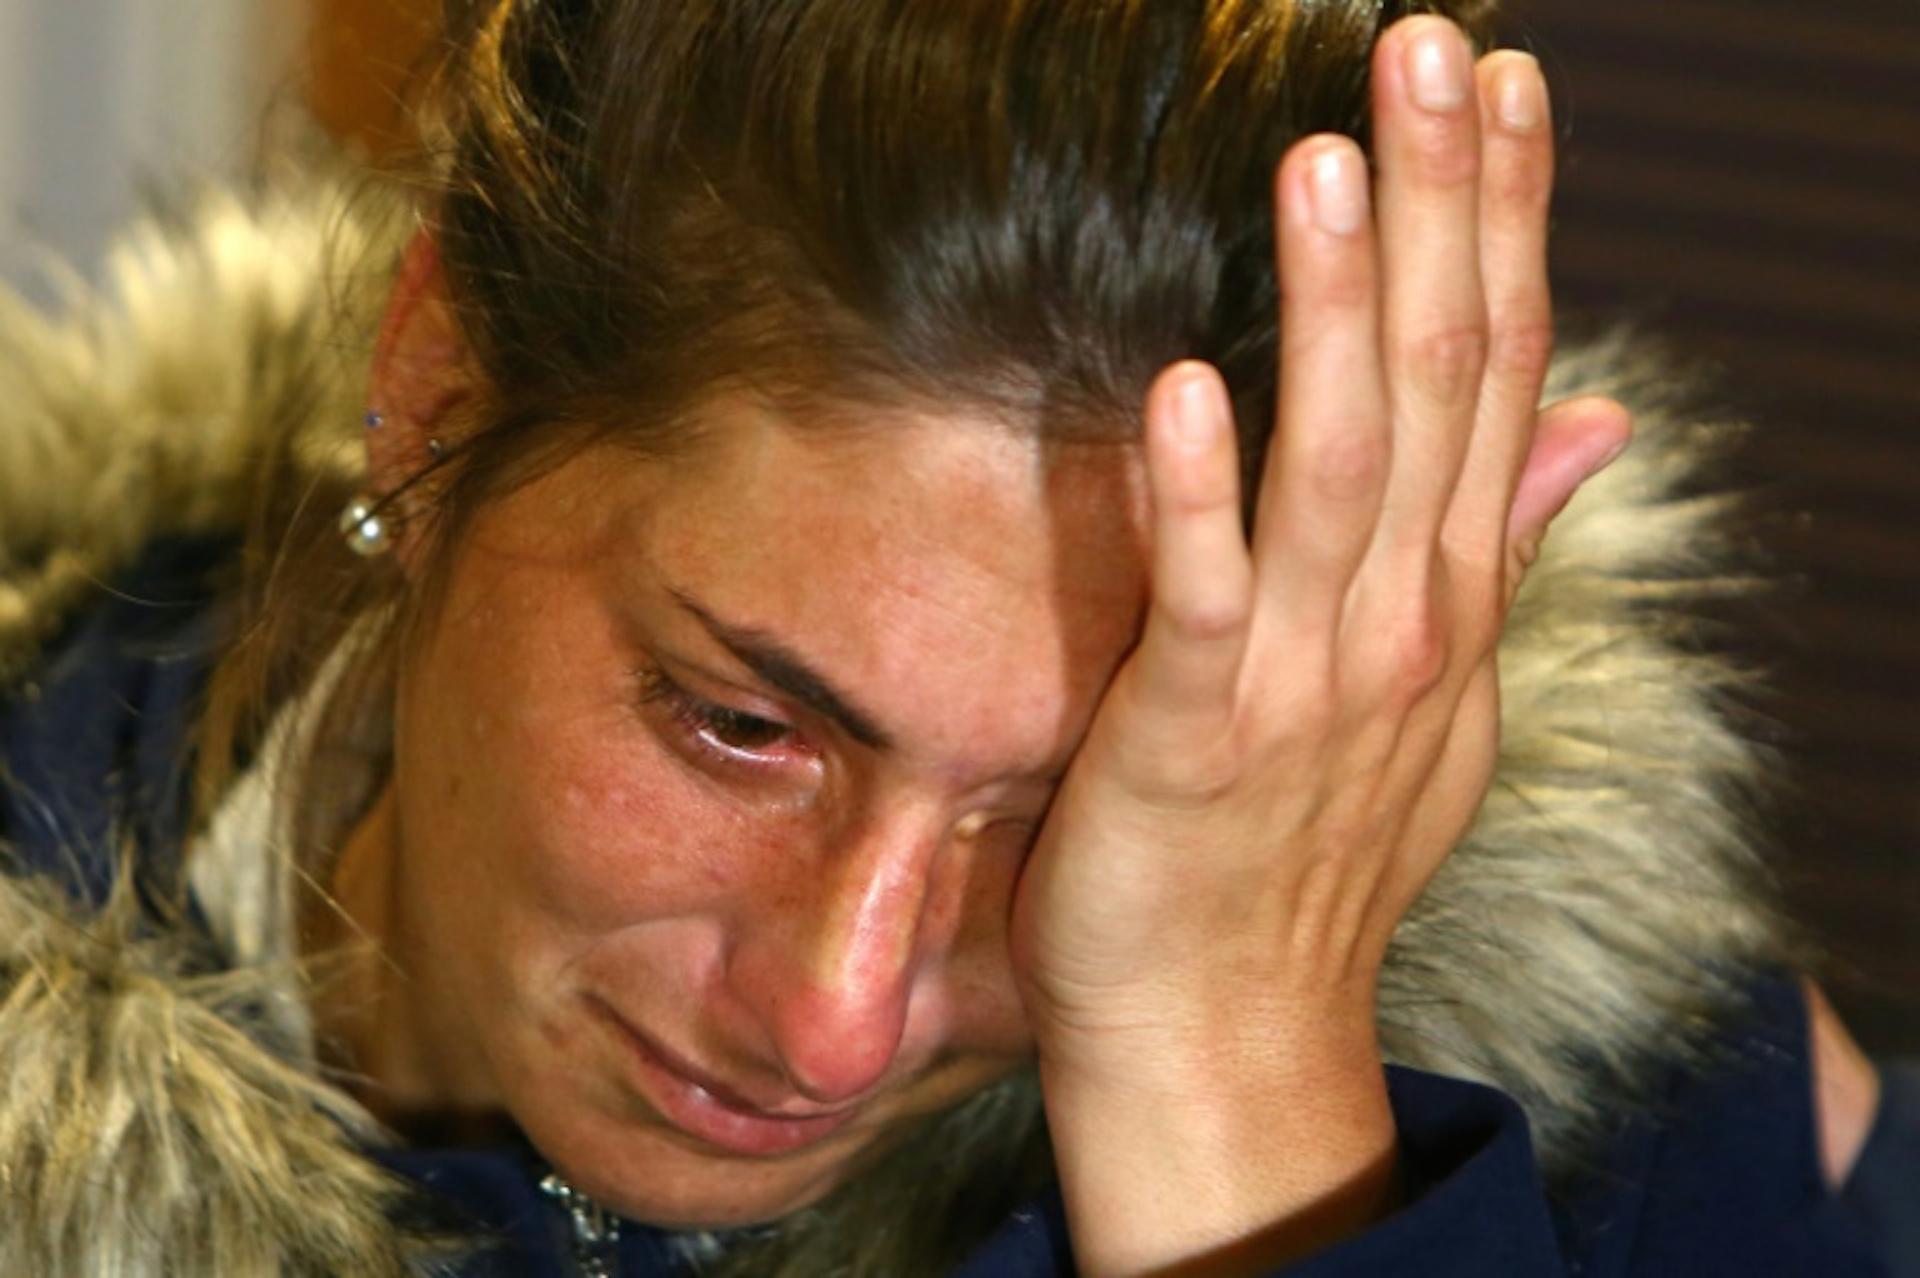 Romina Sala, hermana del futbolista argentino de Cardiff City, Emiliano Sala, reacciona mientras brinda una conferencia de prensa en el Cardiff City Stadium en Cardiff, Gales del Sur el 25 de enero de 2019 (AFP/Archivos – GEOFF CADDICK)